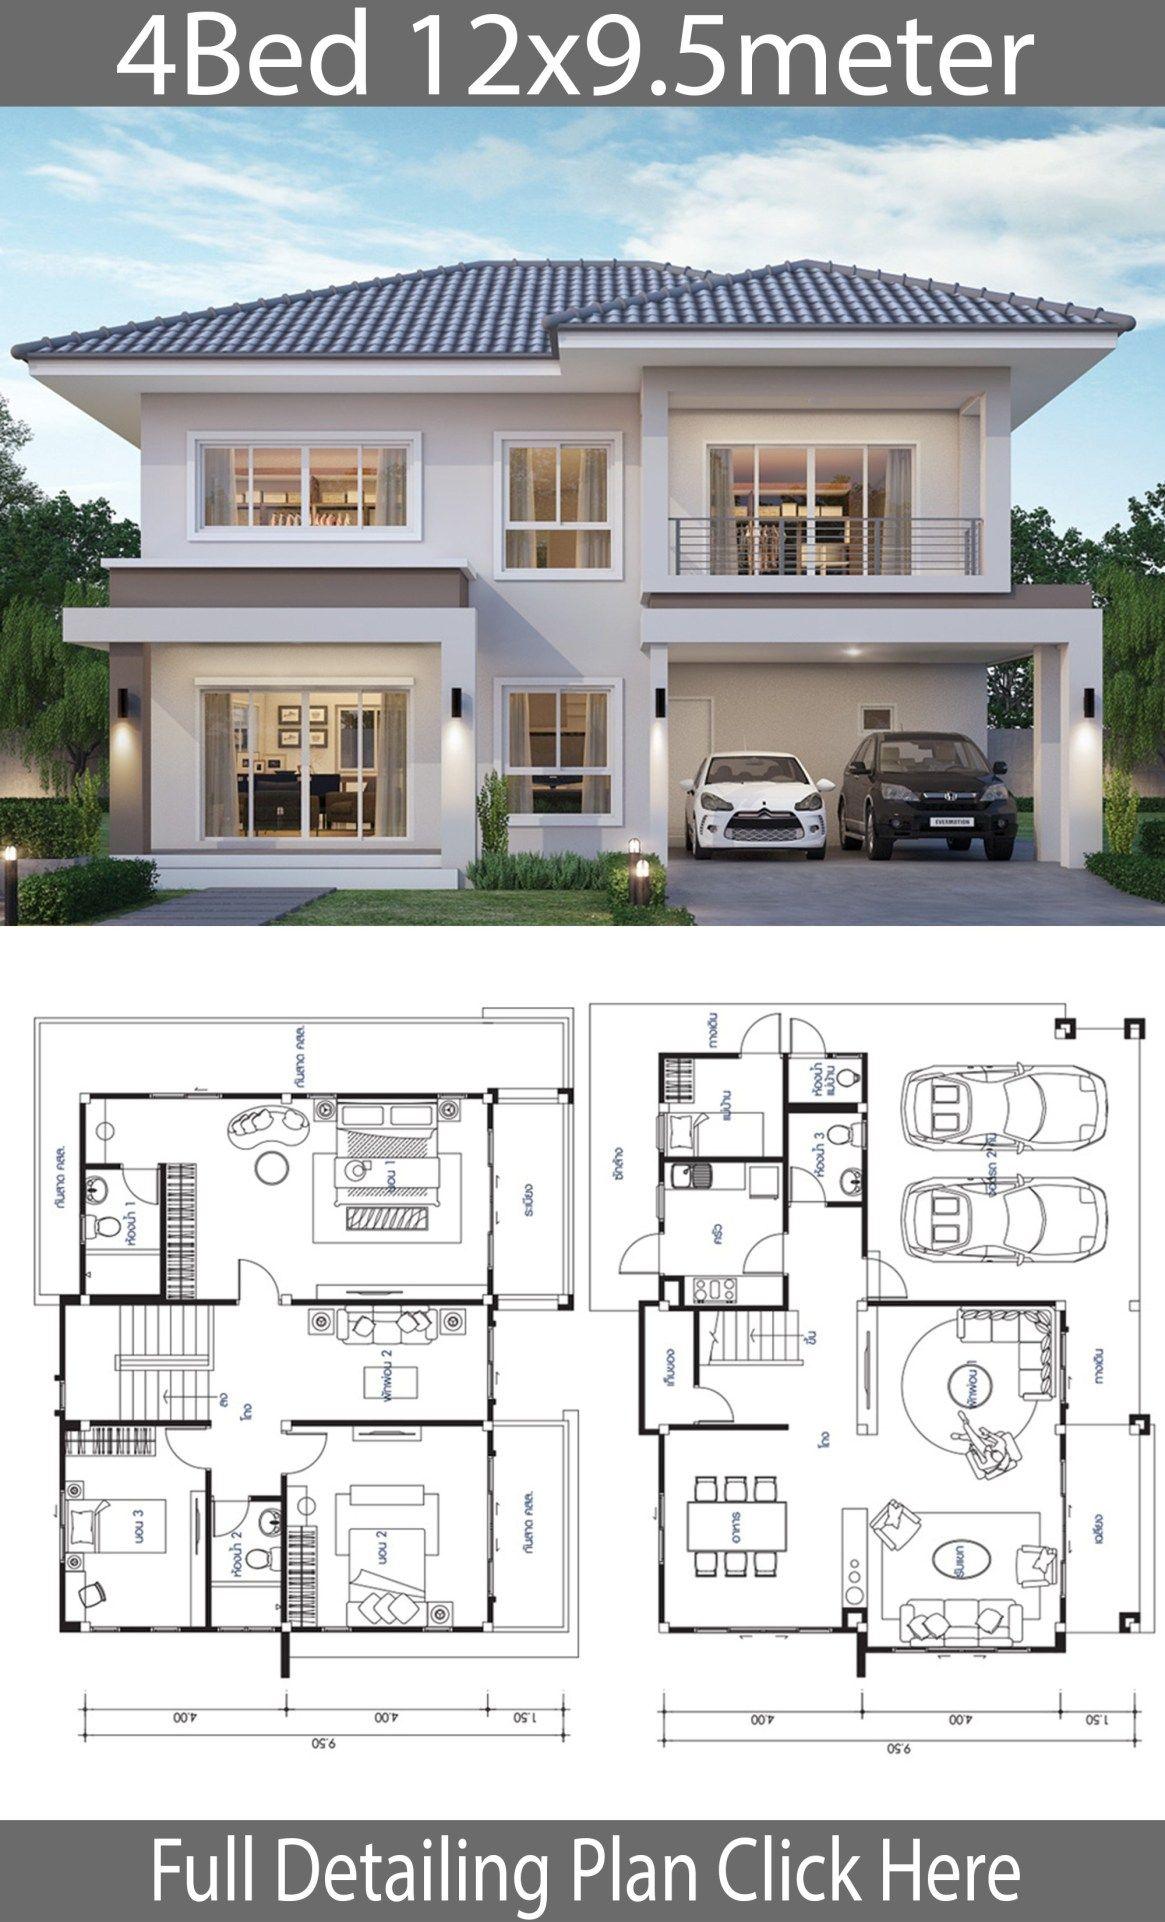 House Design Plan 12x9 5m With 4 Bedrooms Dengan Gambar Rumah Indah Arsitektur Modern Rumah Pedesaan